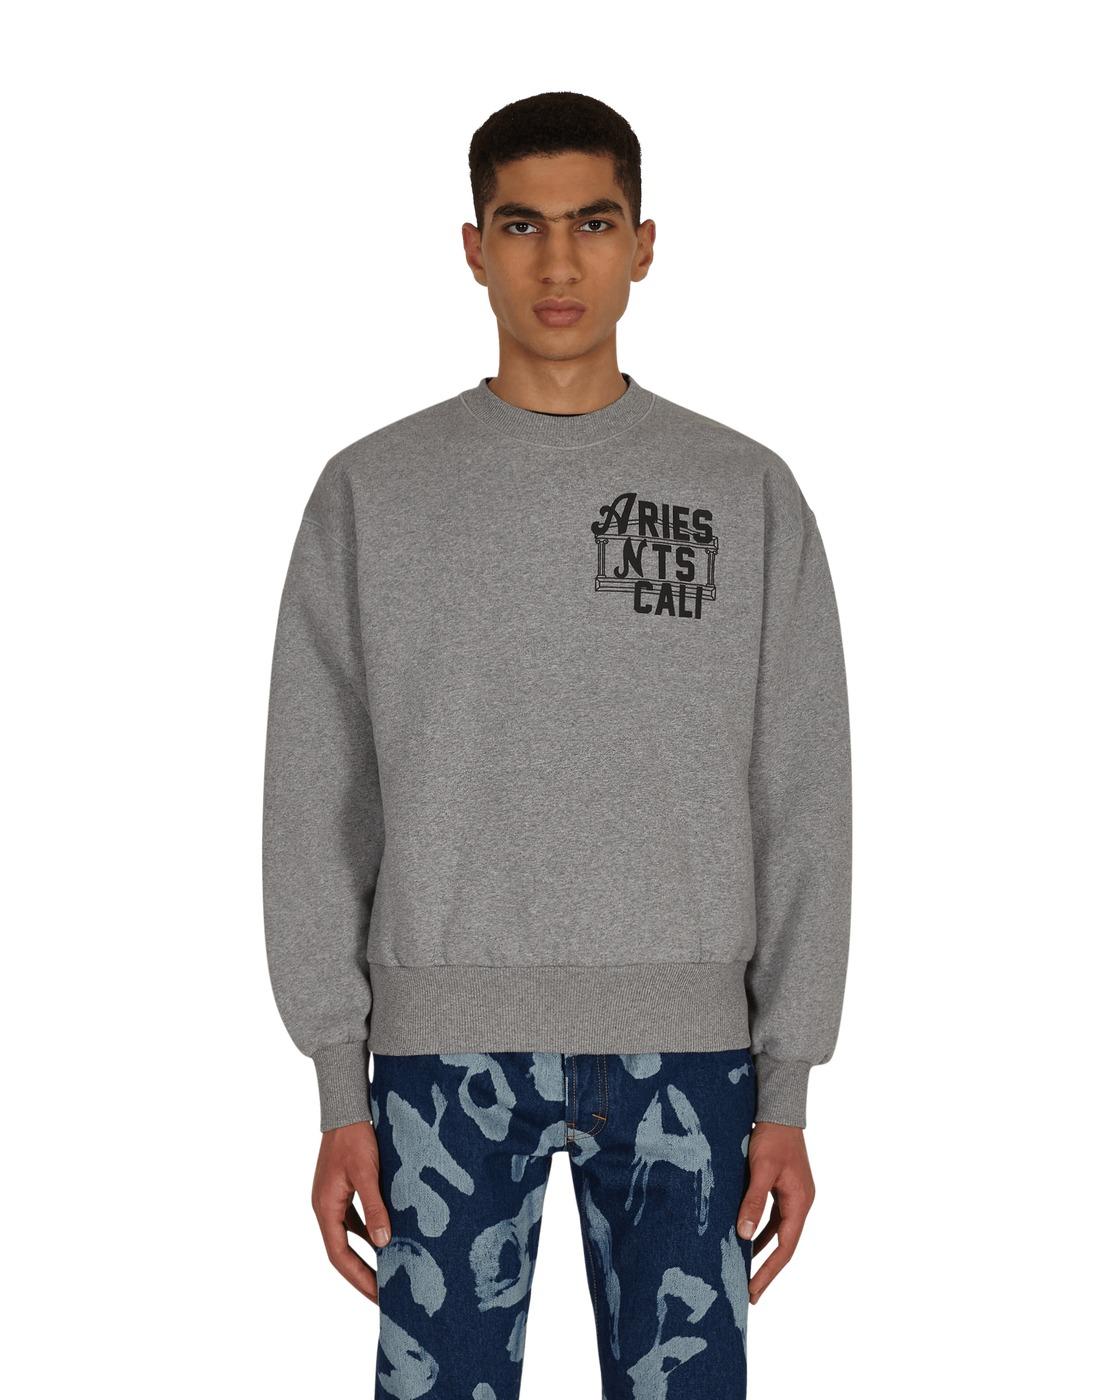 Photo: Aries Collab Nts Hell On Earth Crewneck Sweatshirt Grey Marl